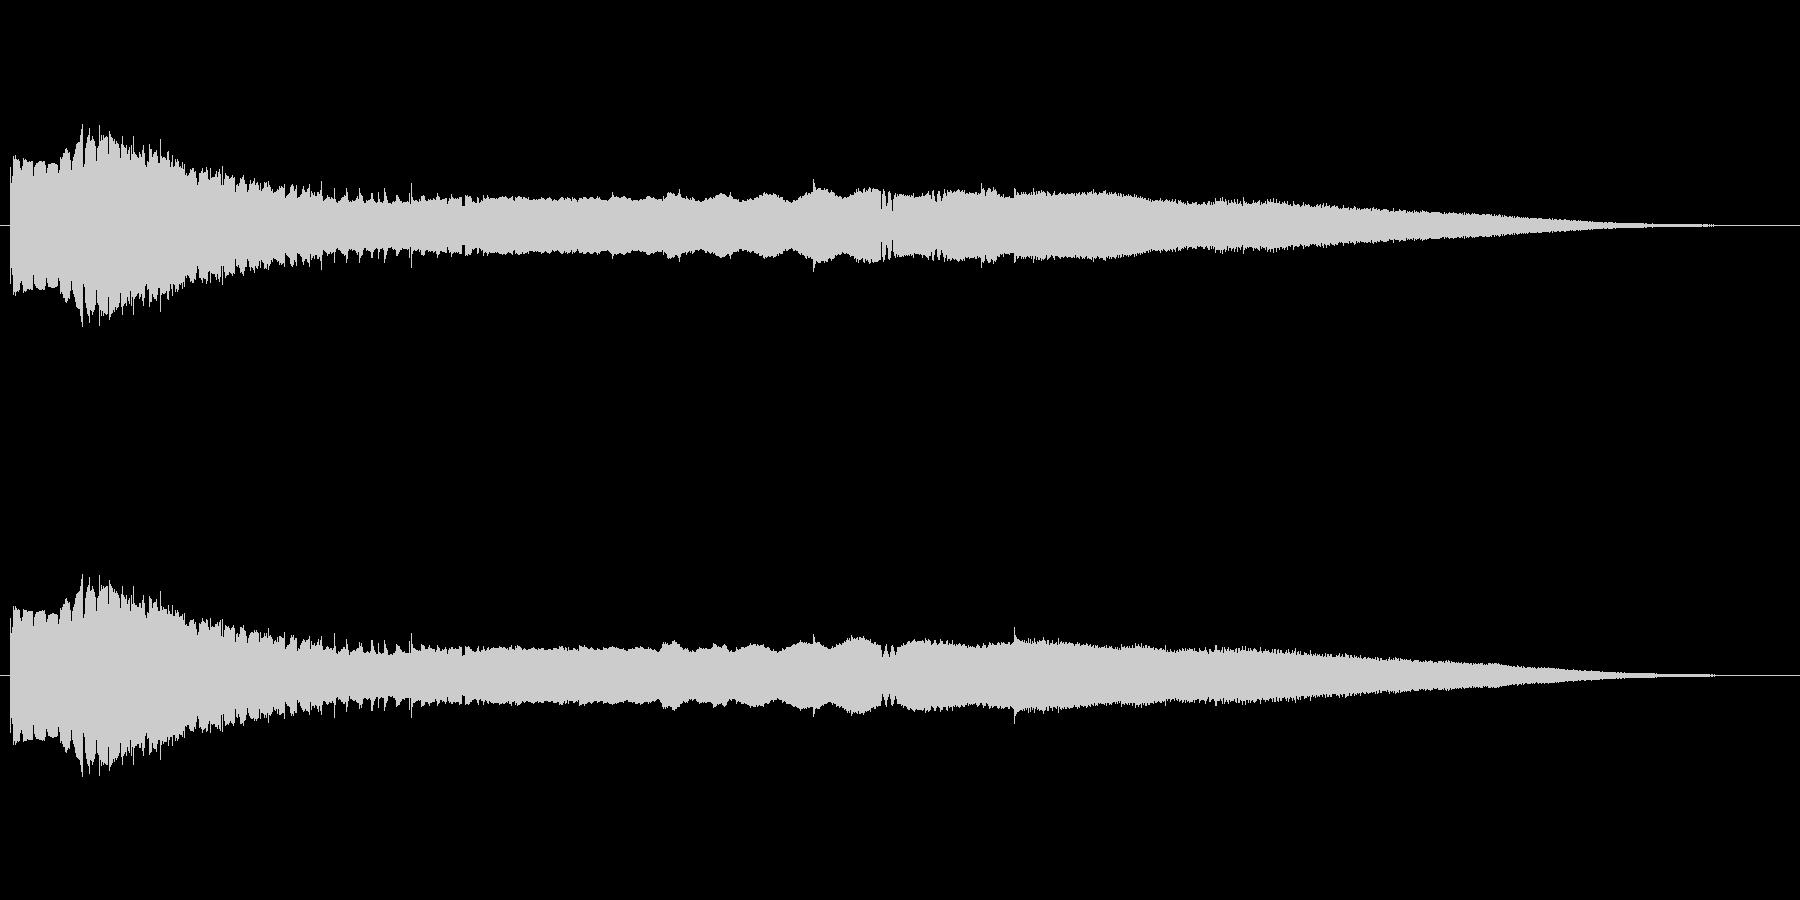 機械 Atonal Rhythm ...の未再生の波形